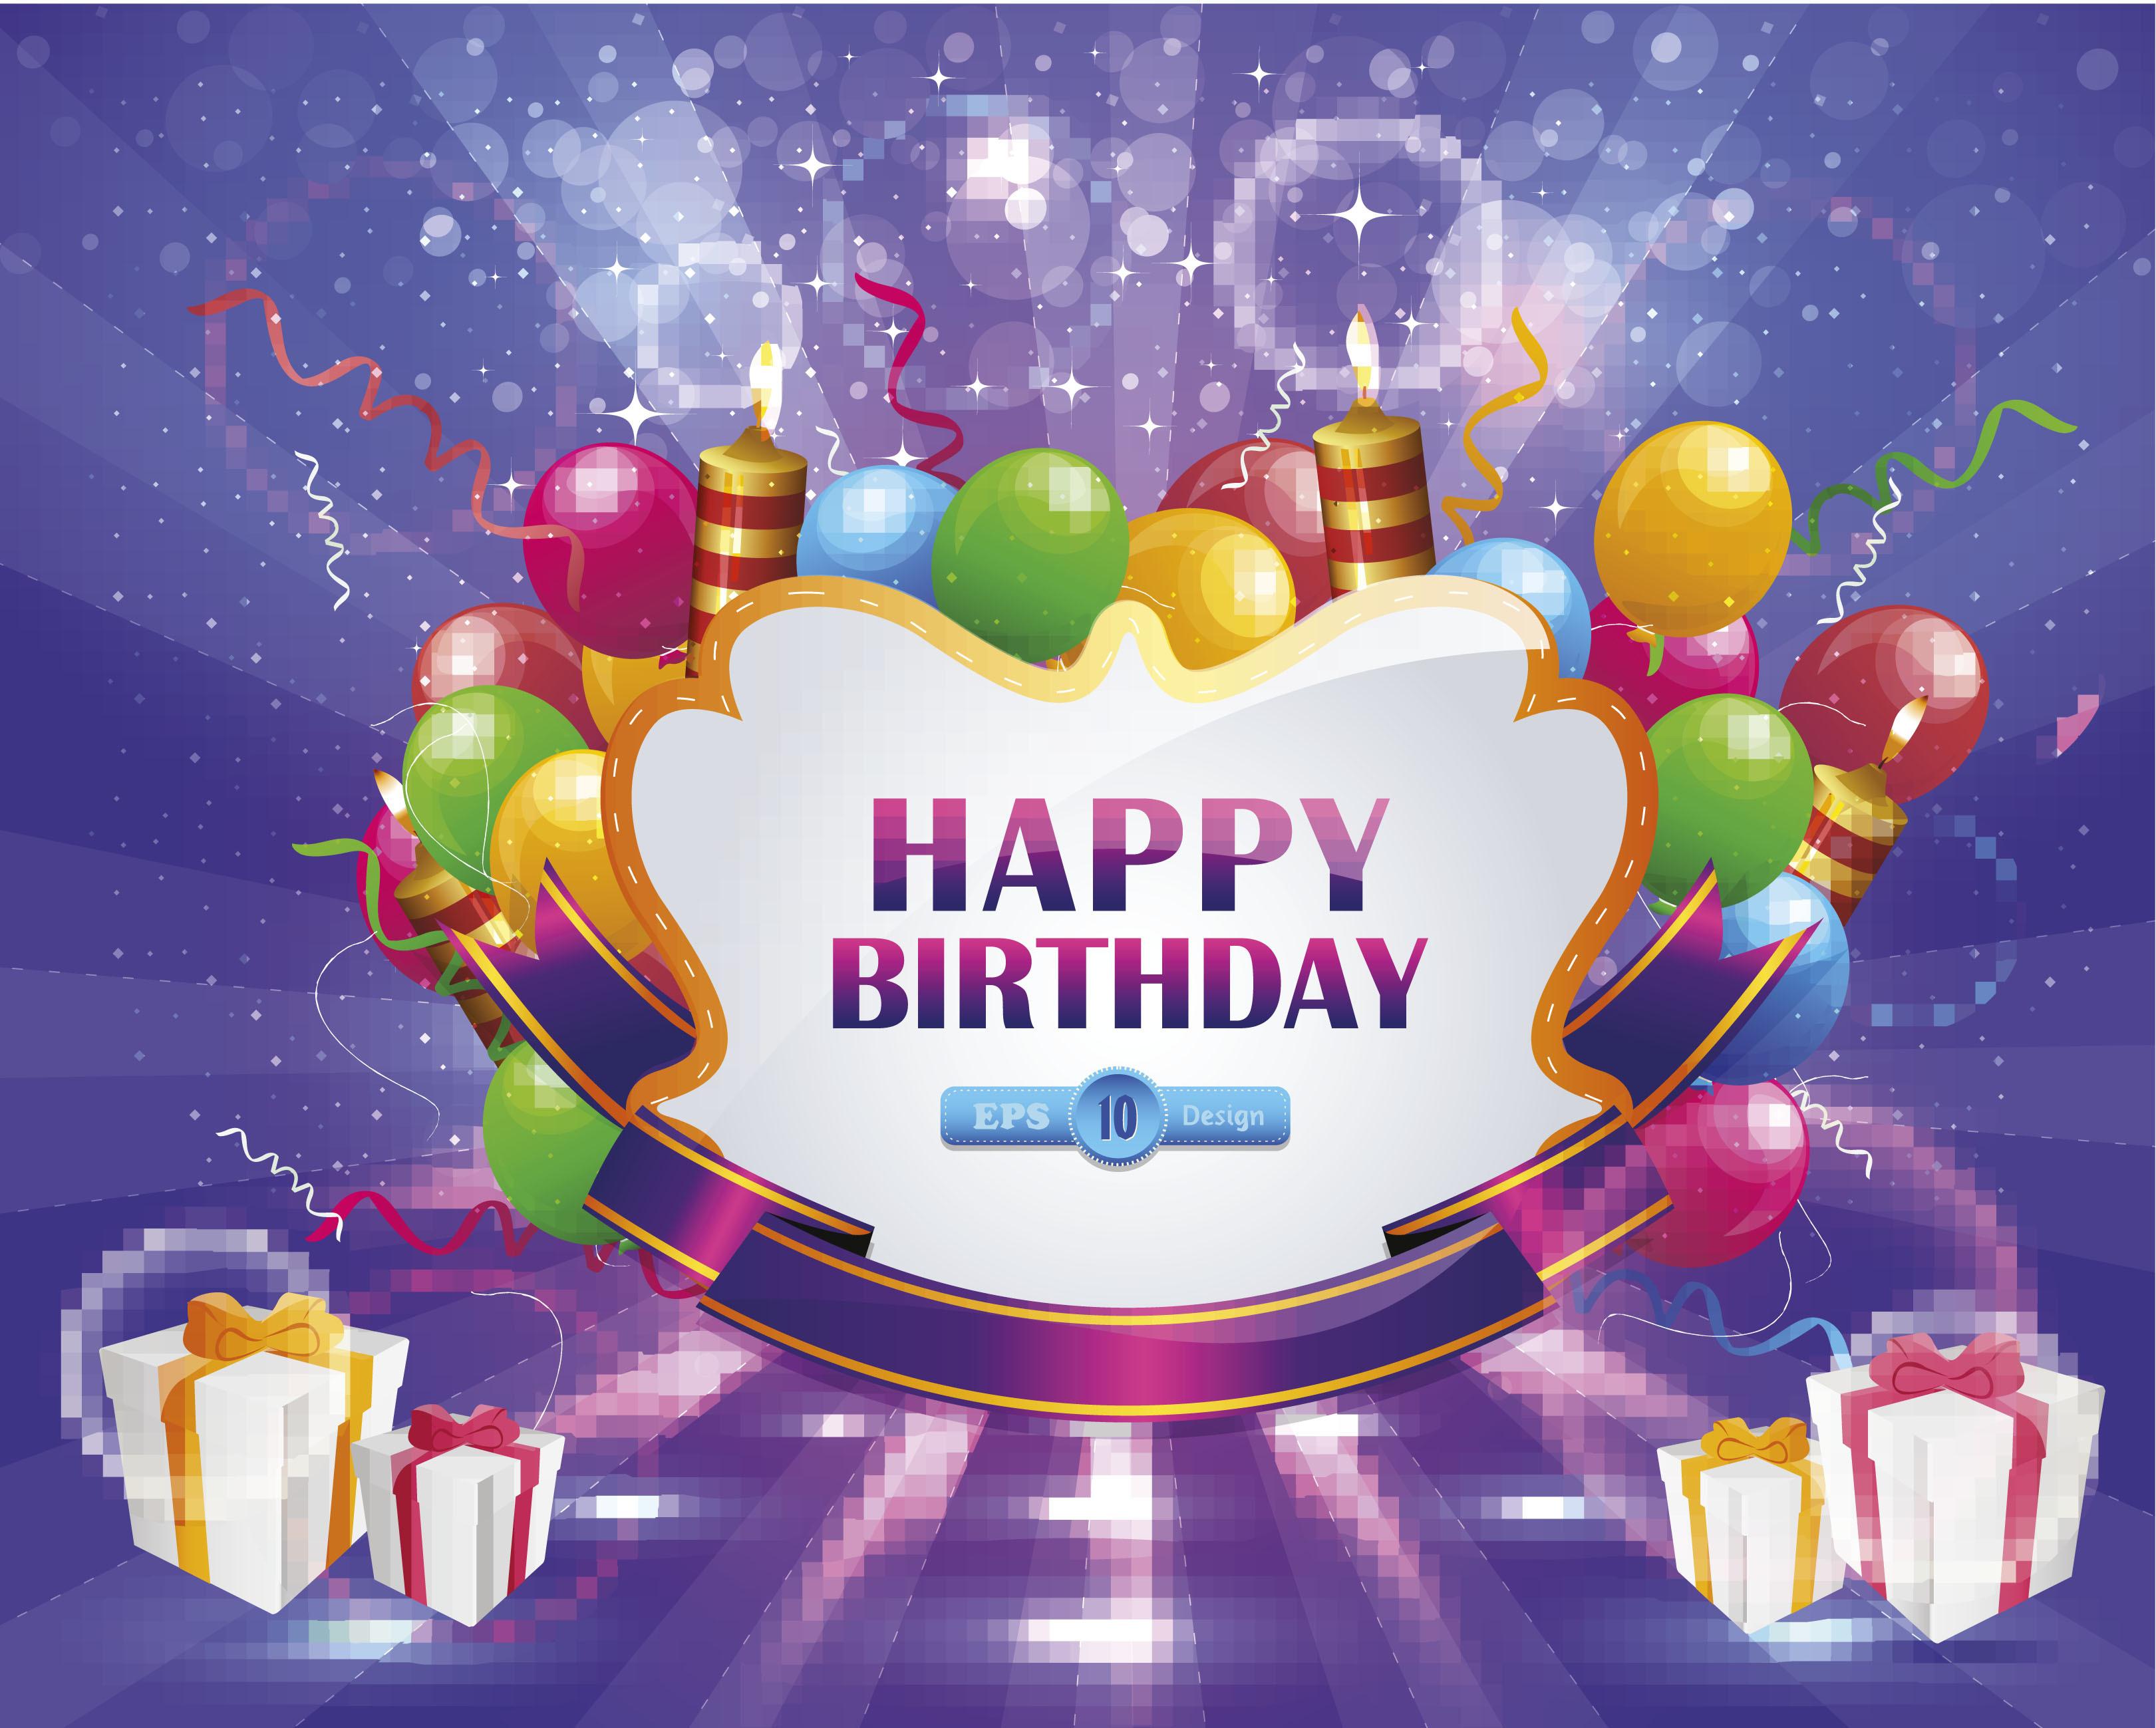 Картинки открытки на день рождения на английском, днем рождения